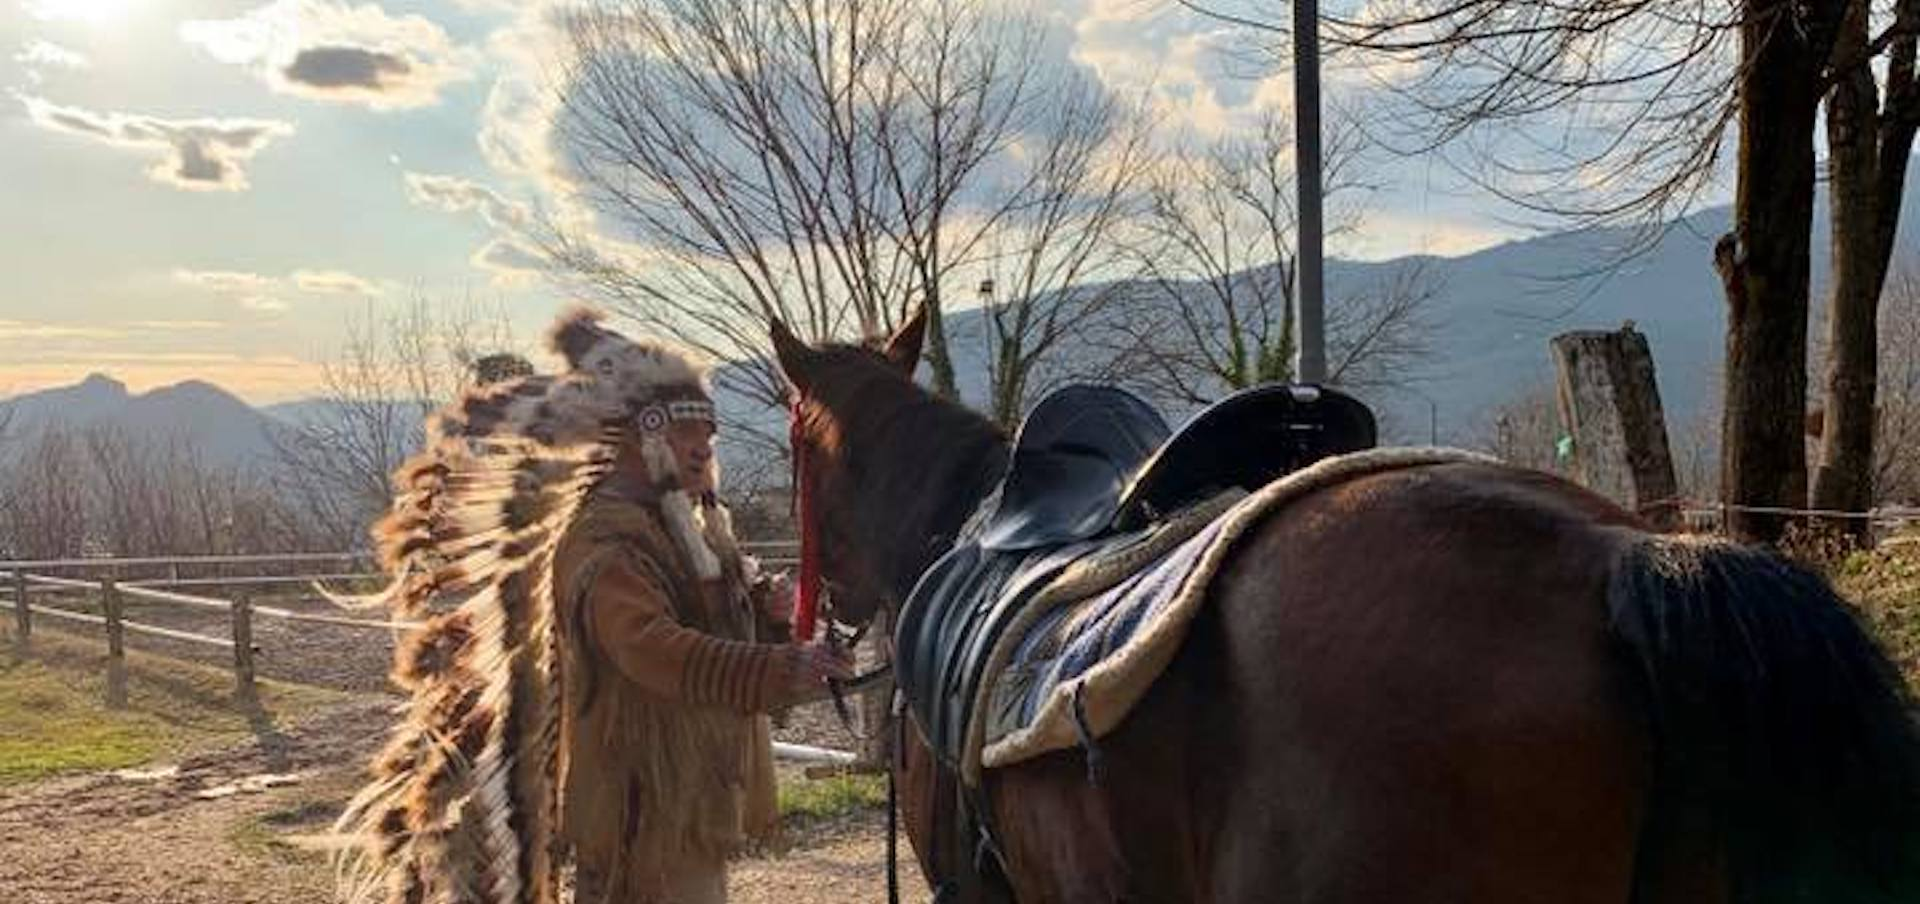 Passeggiata a cavallo notturna-cena country